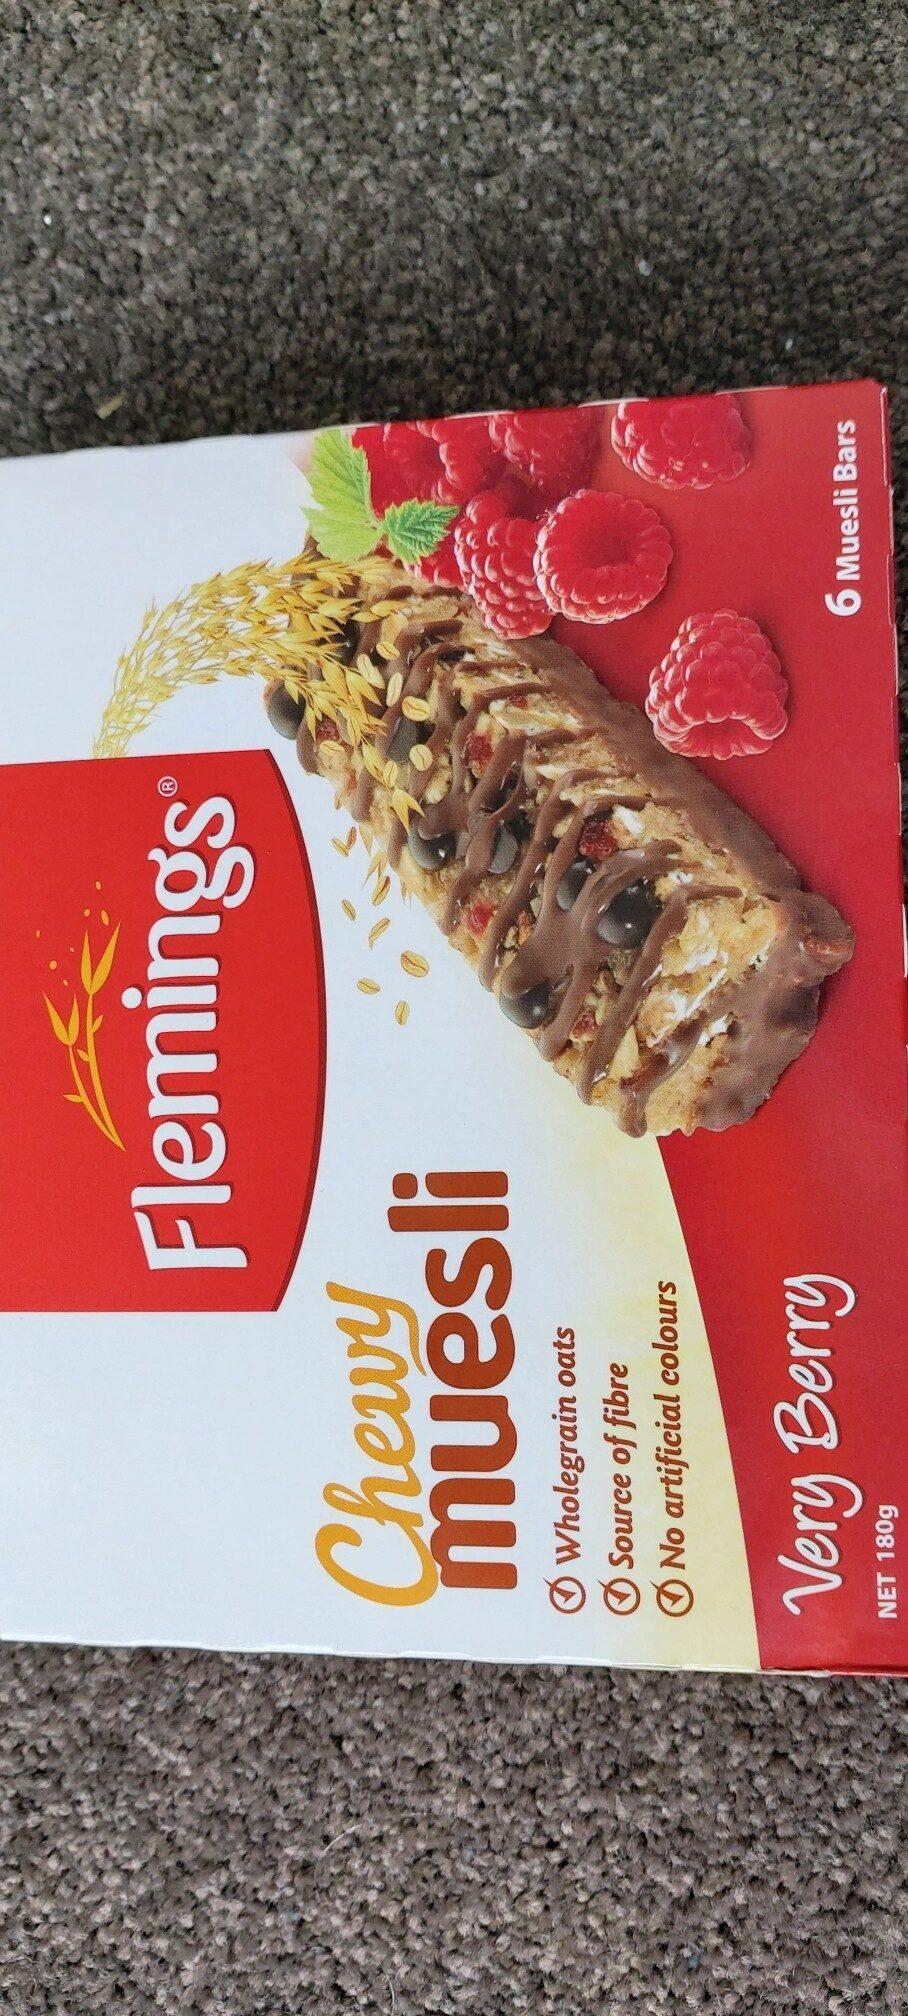 Flemings Chewy muesli - Product - en